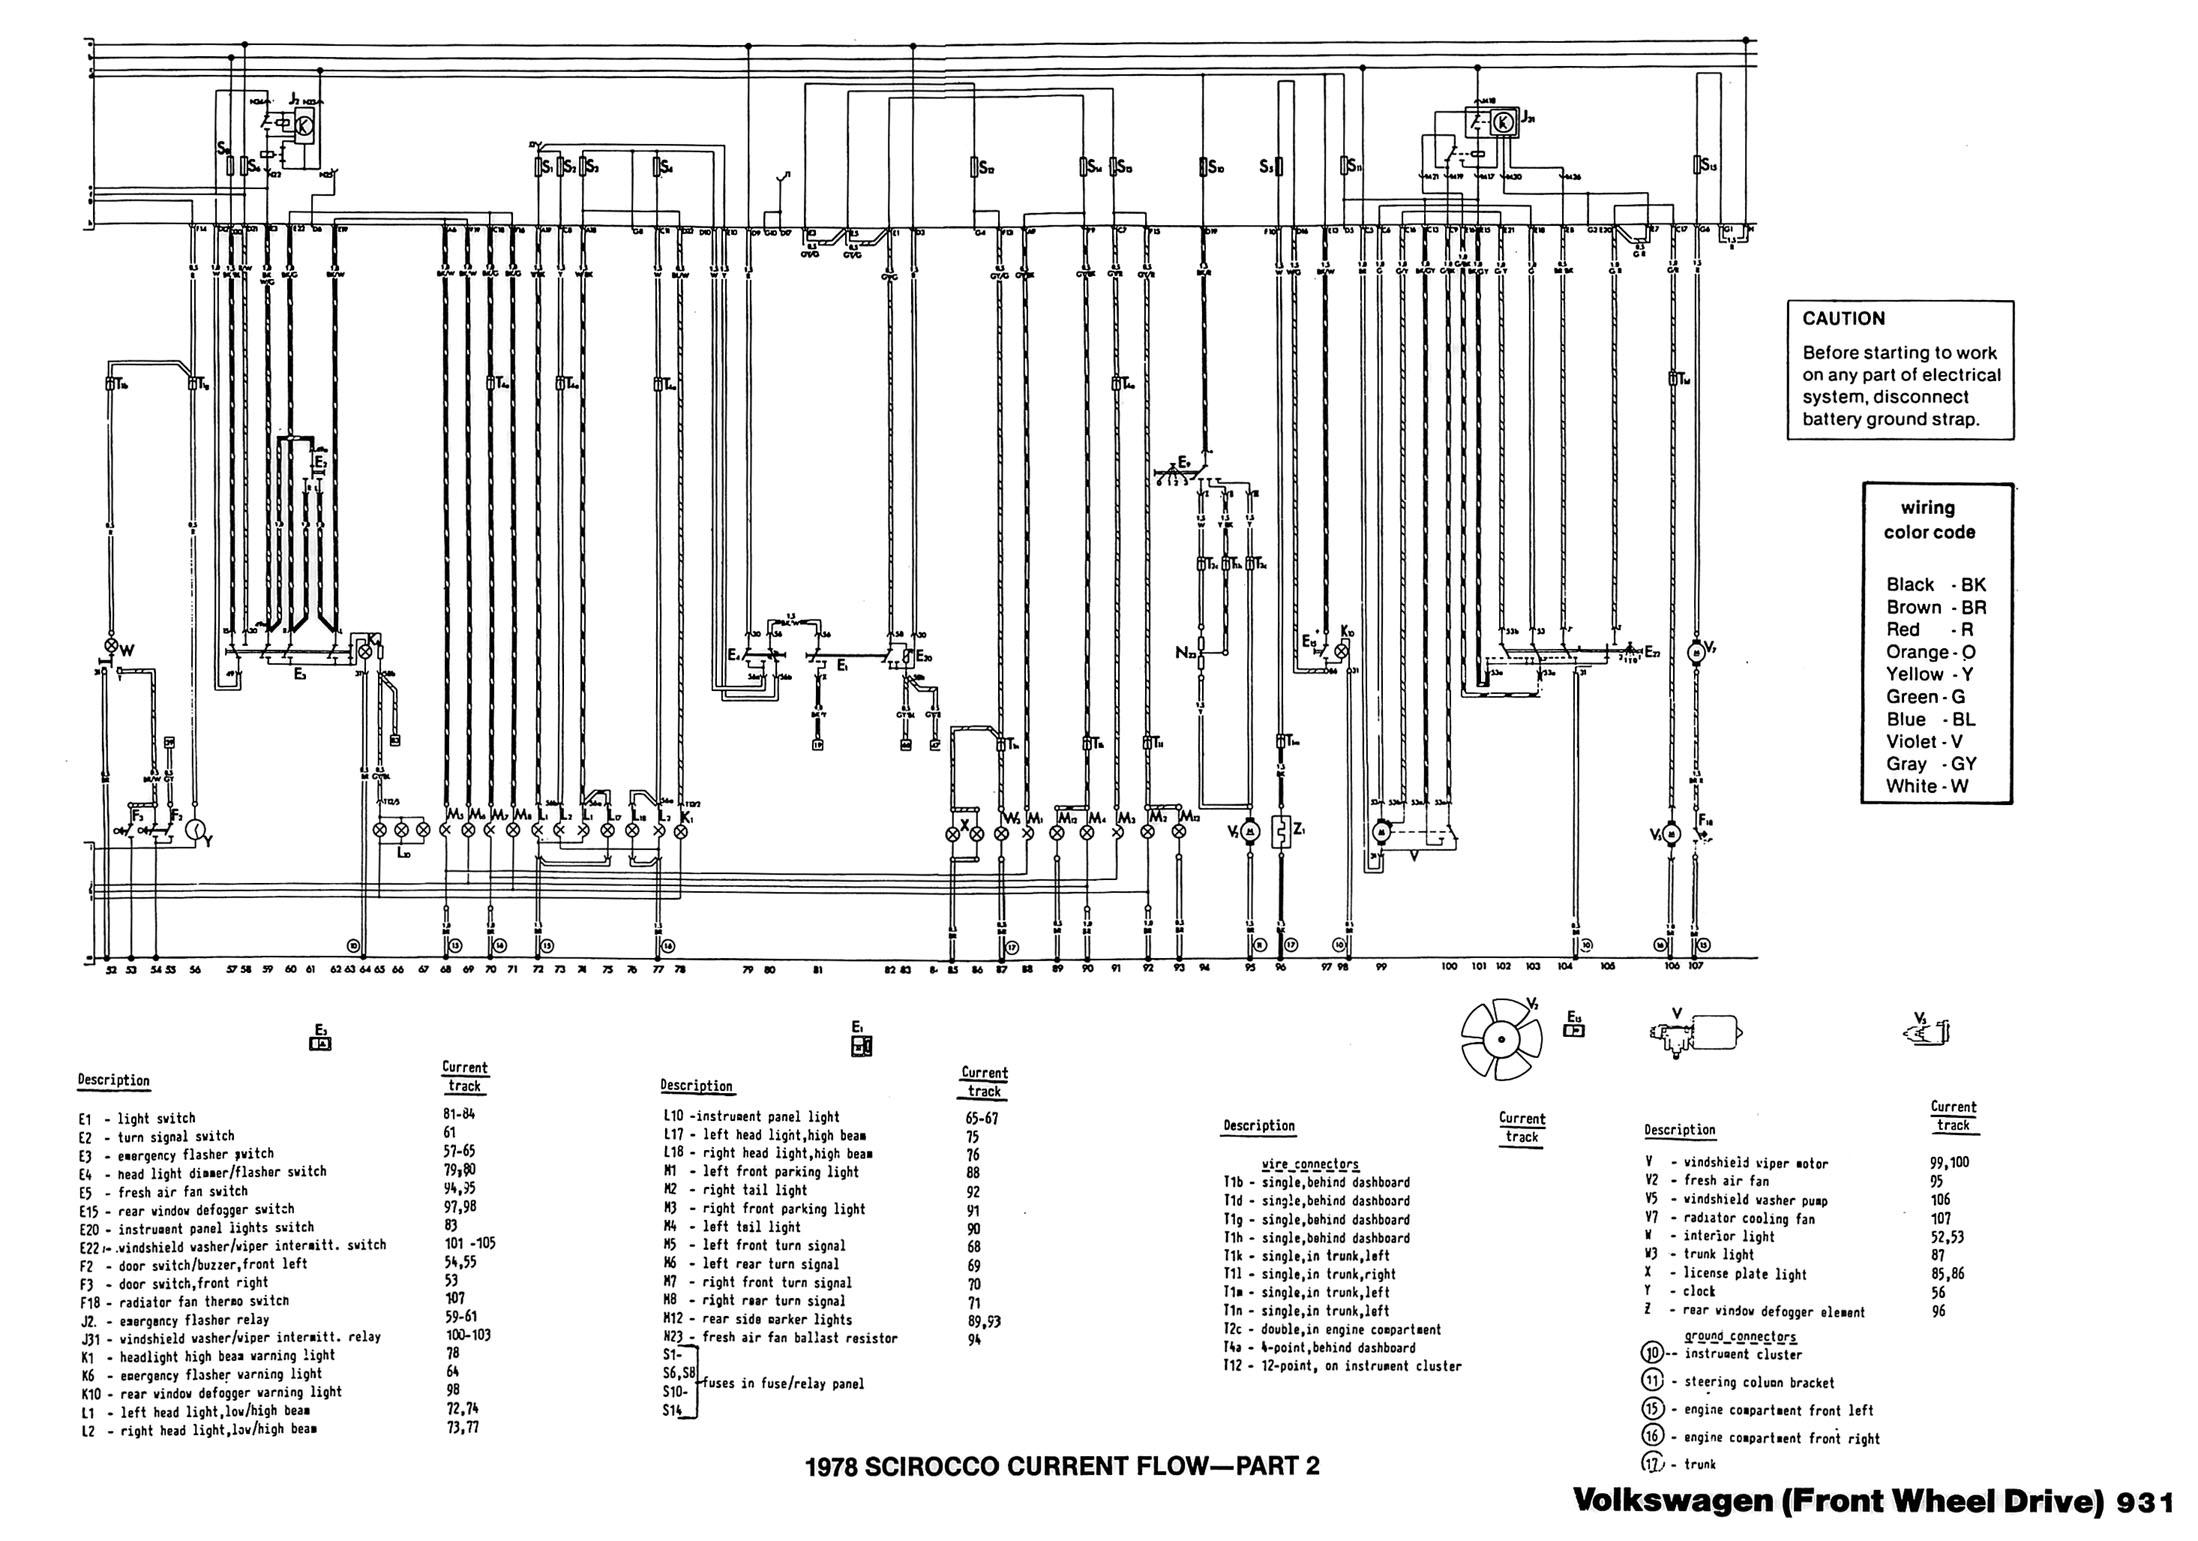 1979 Scirocco Current Flow - Part 1